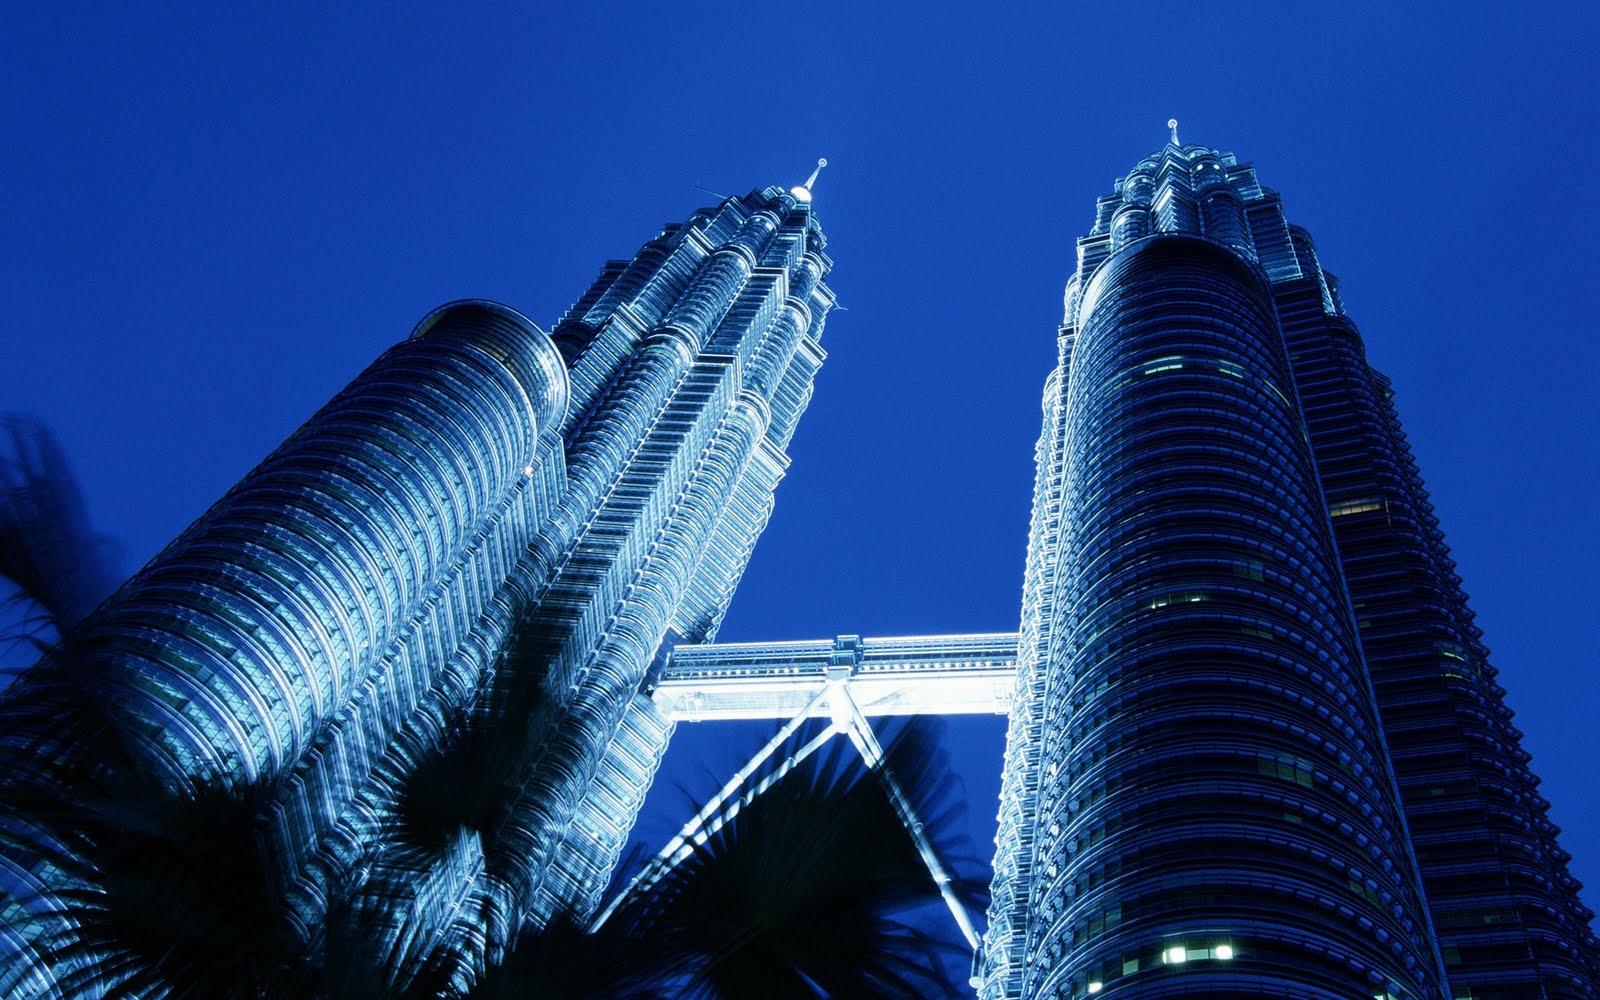 http://3.bp.blogspot.com/-c3W2VgqDi9E/Tc_iEcLBhtI/AAAAAAAABnU/pVdxJvh2rLo/s1600/skyscraper_3.jpg